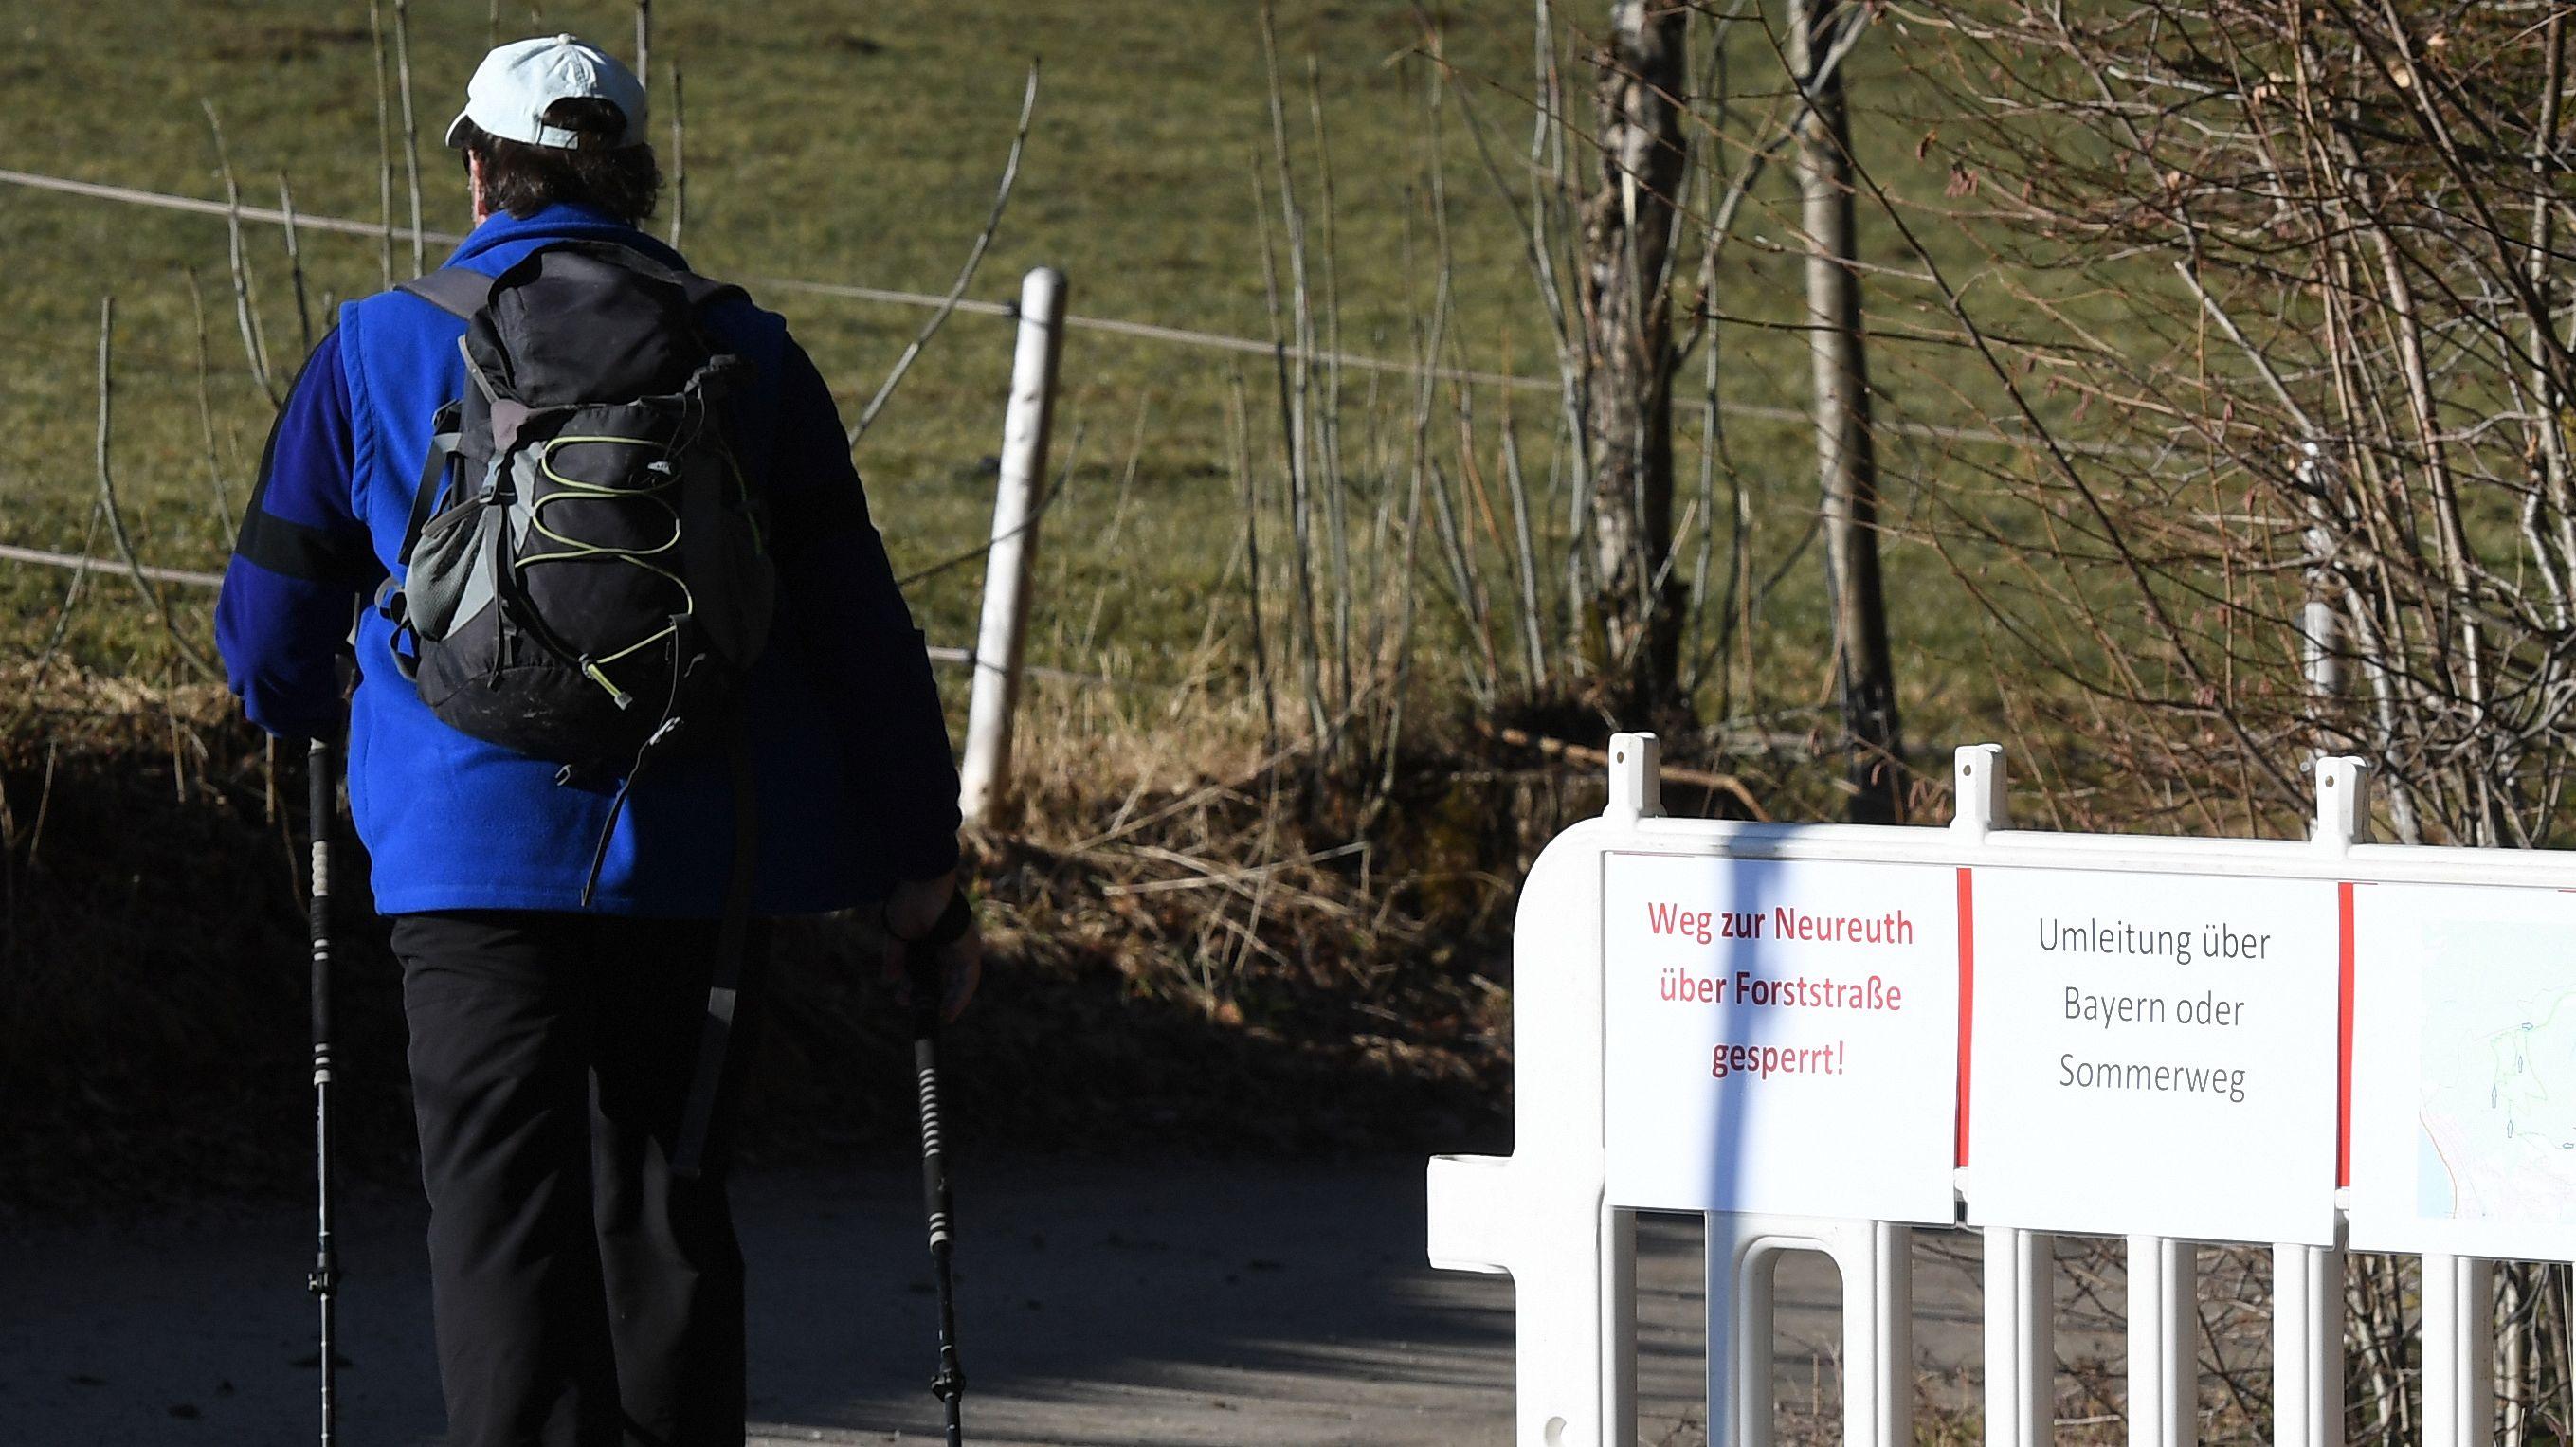 Wegsperre auf dem Winterweg zum Berggasthof Neureuth.  Dieser war wegen eines drohenden Hangrutsches geschlossen.